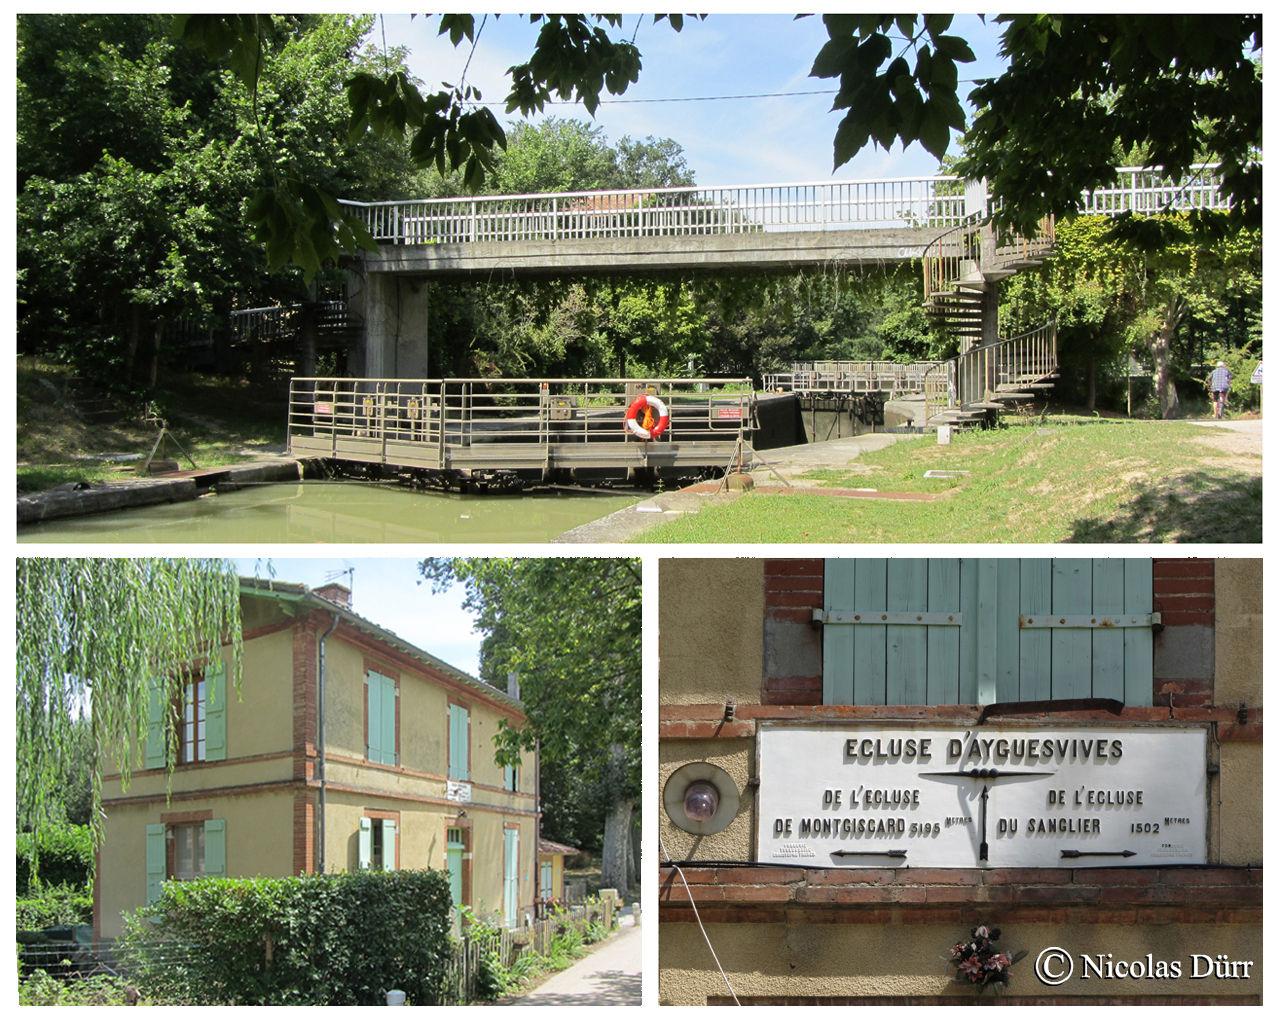 L'écluse d'Ayguevives, à bassin simple (anciennement à bassins doubles), 1673 et remaniée en 1978, au km 28,110 de la Garonne. à l'altitude de 159 m sur la commune éponyme et 7e écluse sur le Canal à franchir par les navigants depuis son extrémité occidentale à Toulouse.